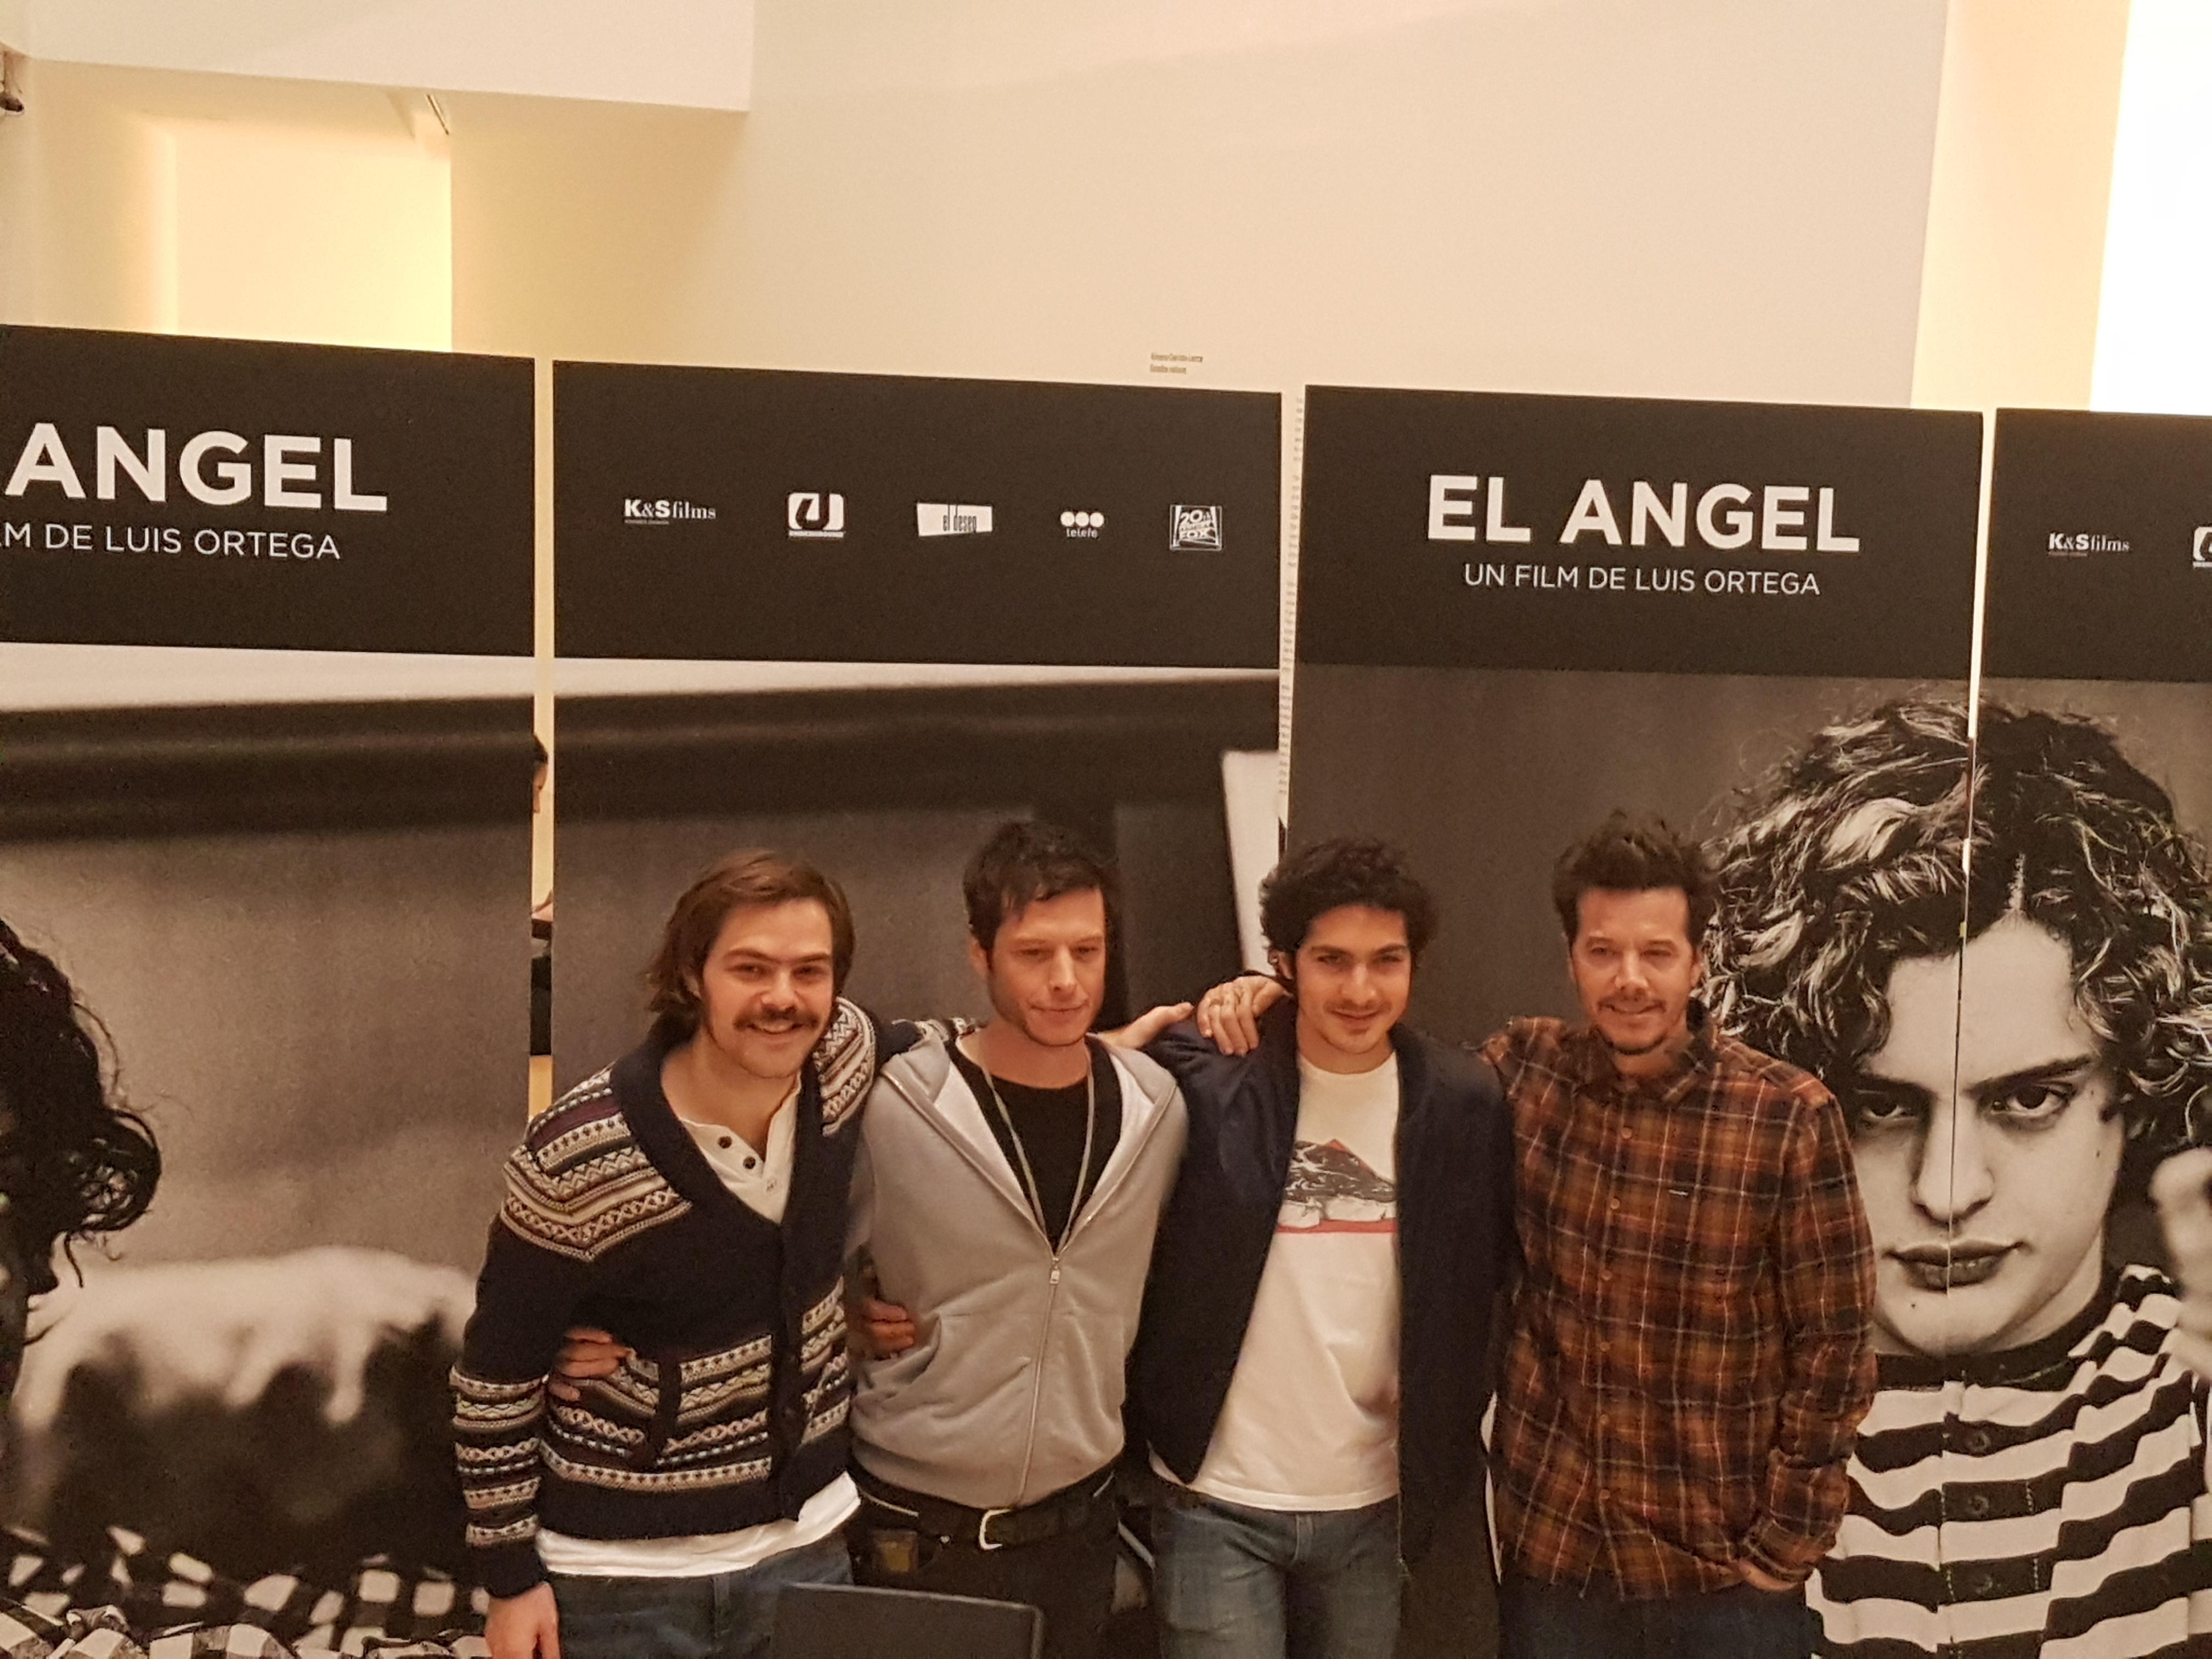 El director Luis Ortega junto con los actores Peter Lanzani, el Chino Darín y su hermano, el productor Sebastián.